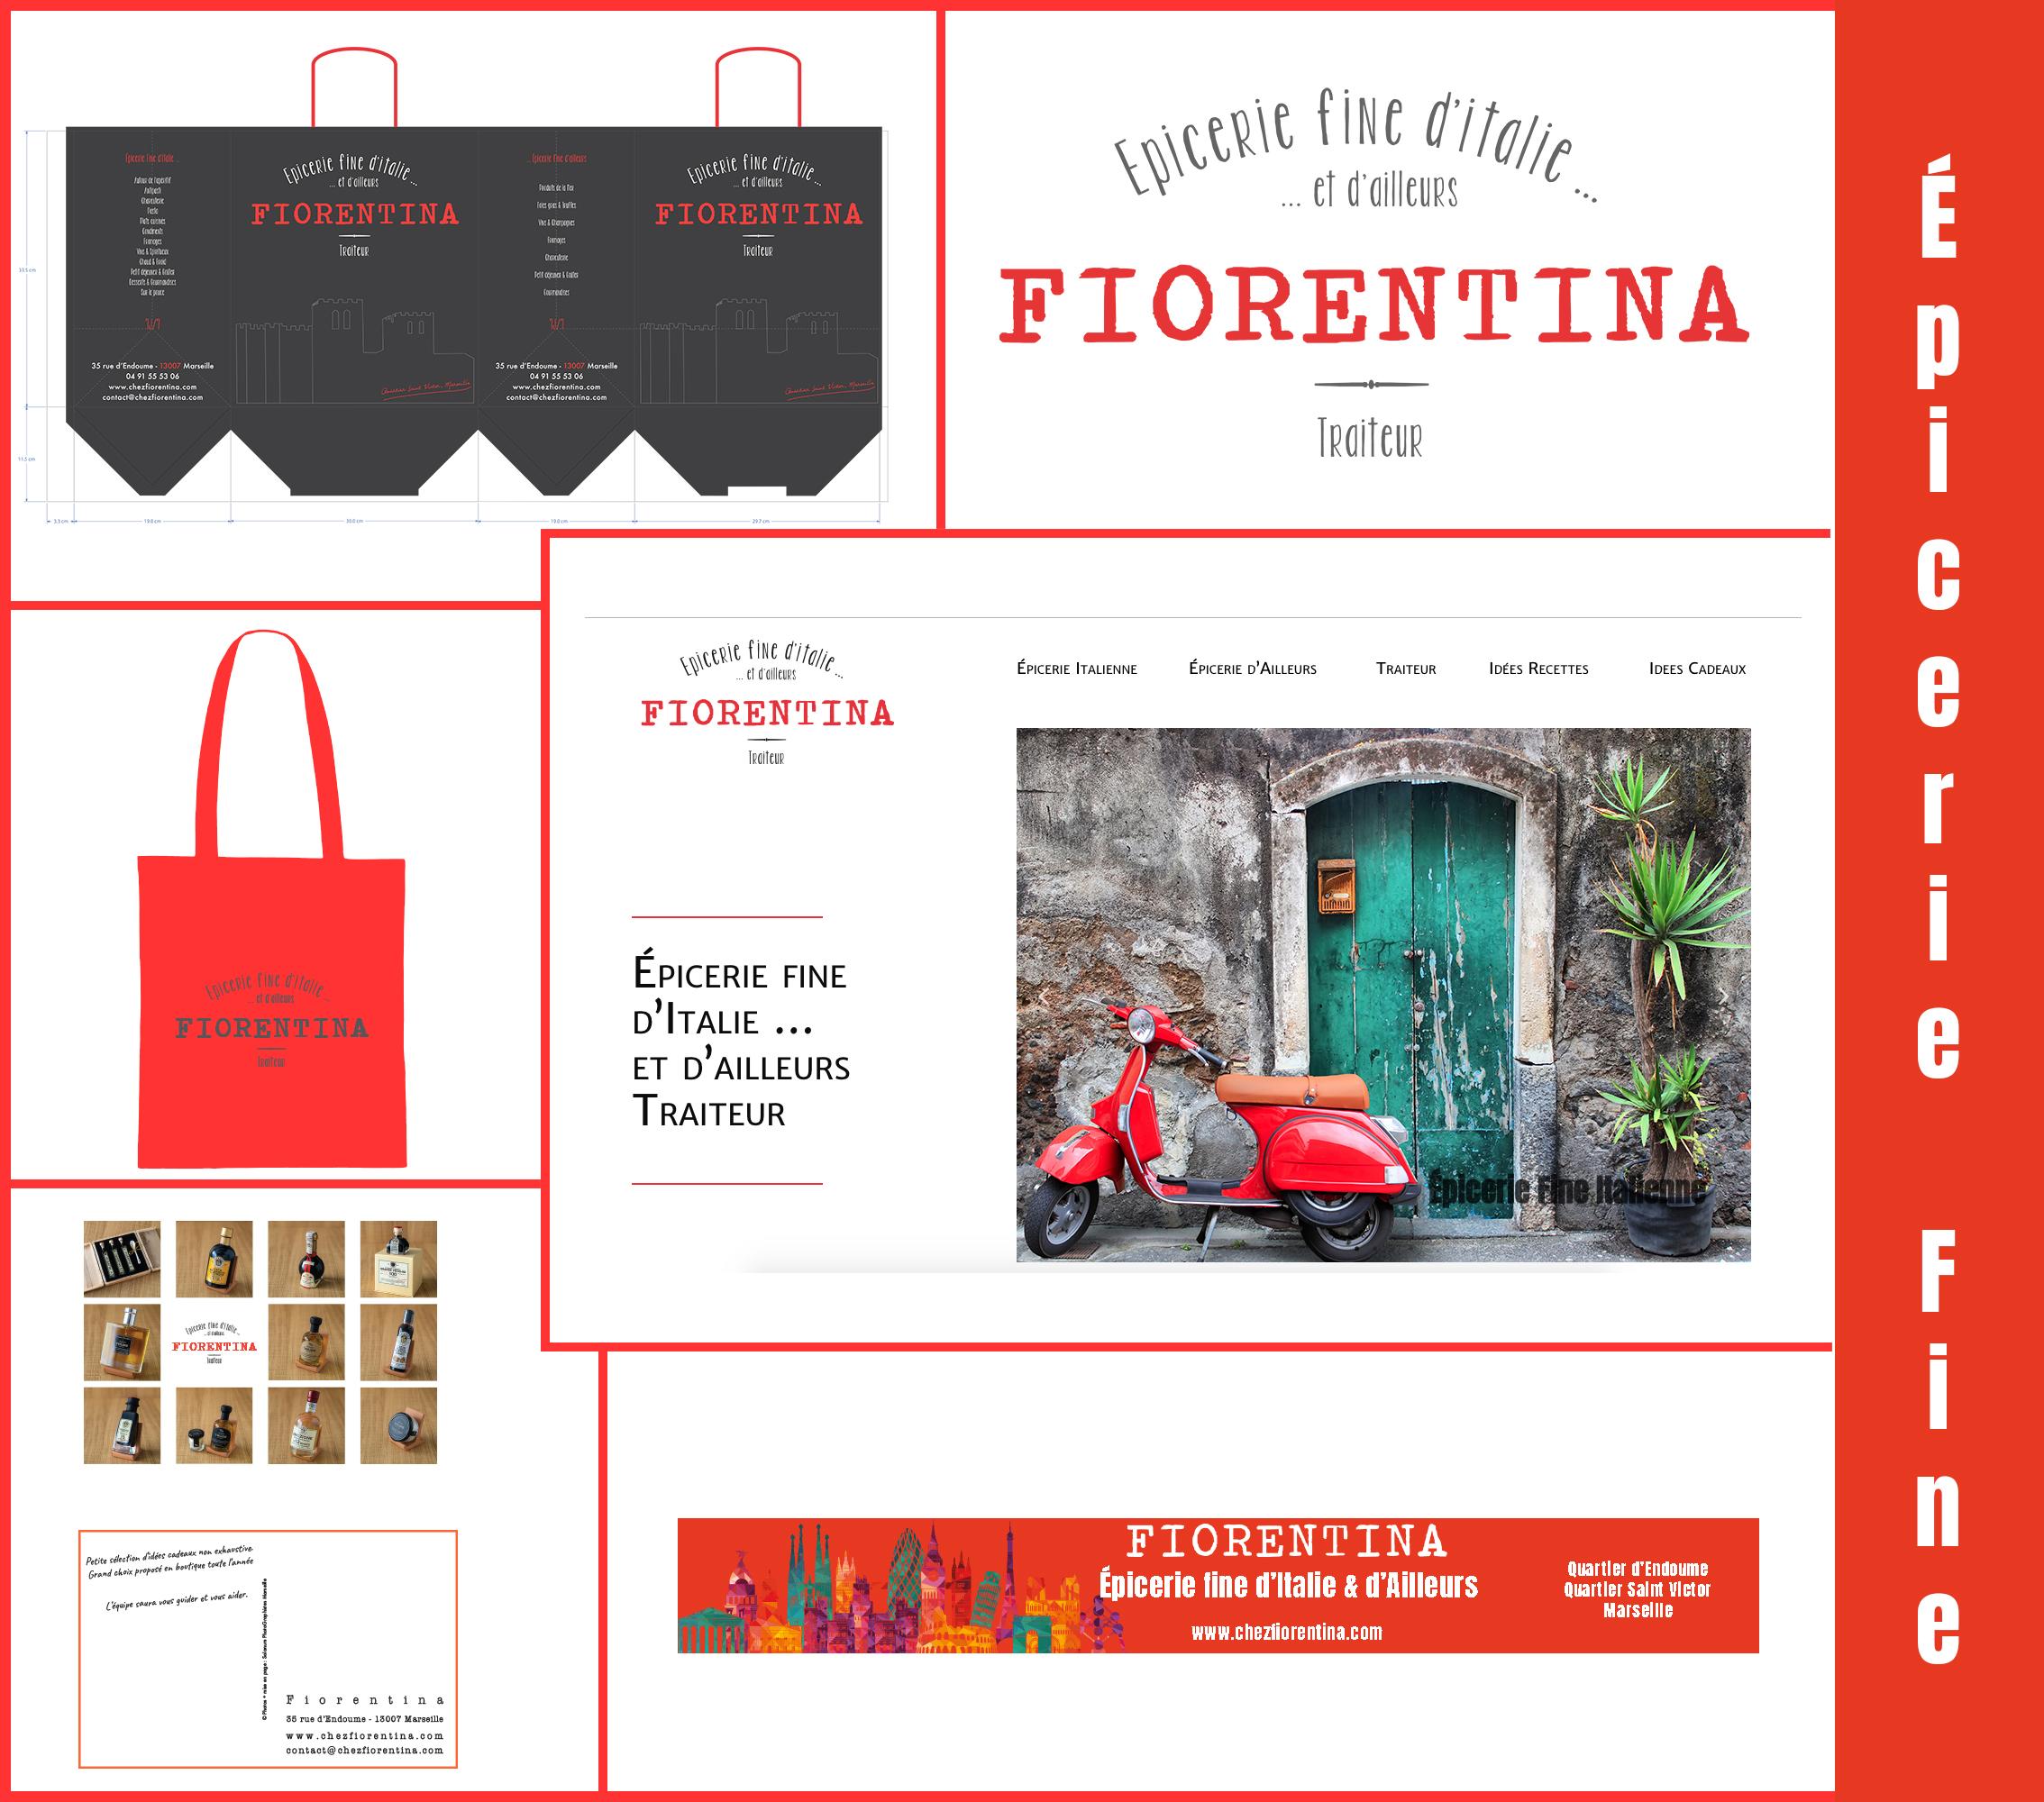 Fiorentina Épicerie Fine d'Italie et d'Ailleurs